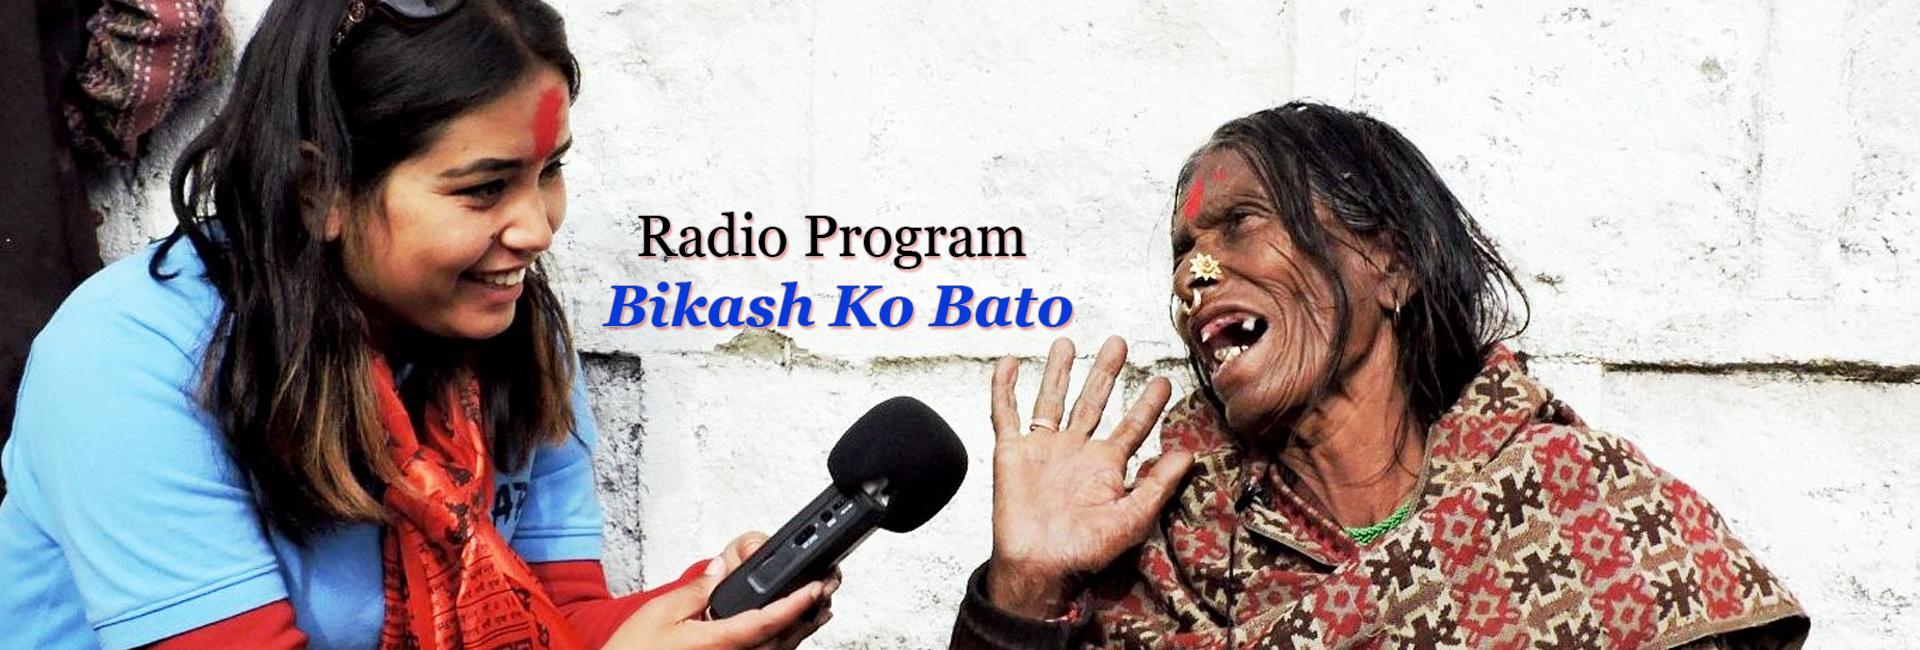 Radio Program Bikash Ko Bato